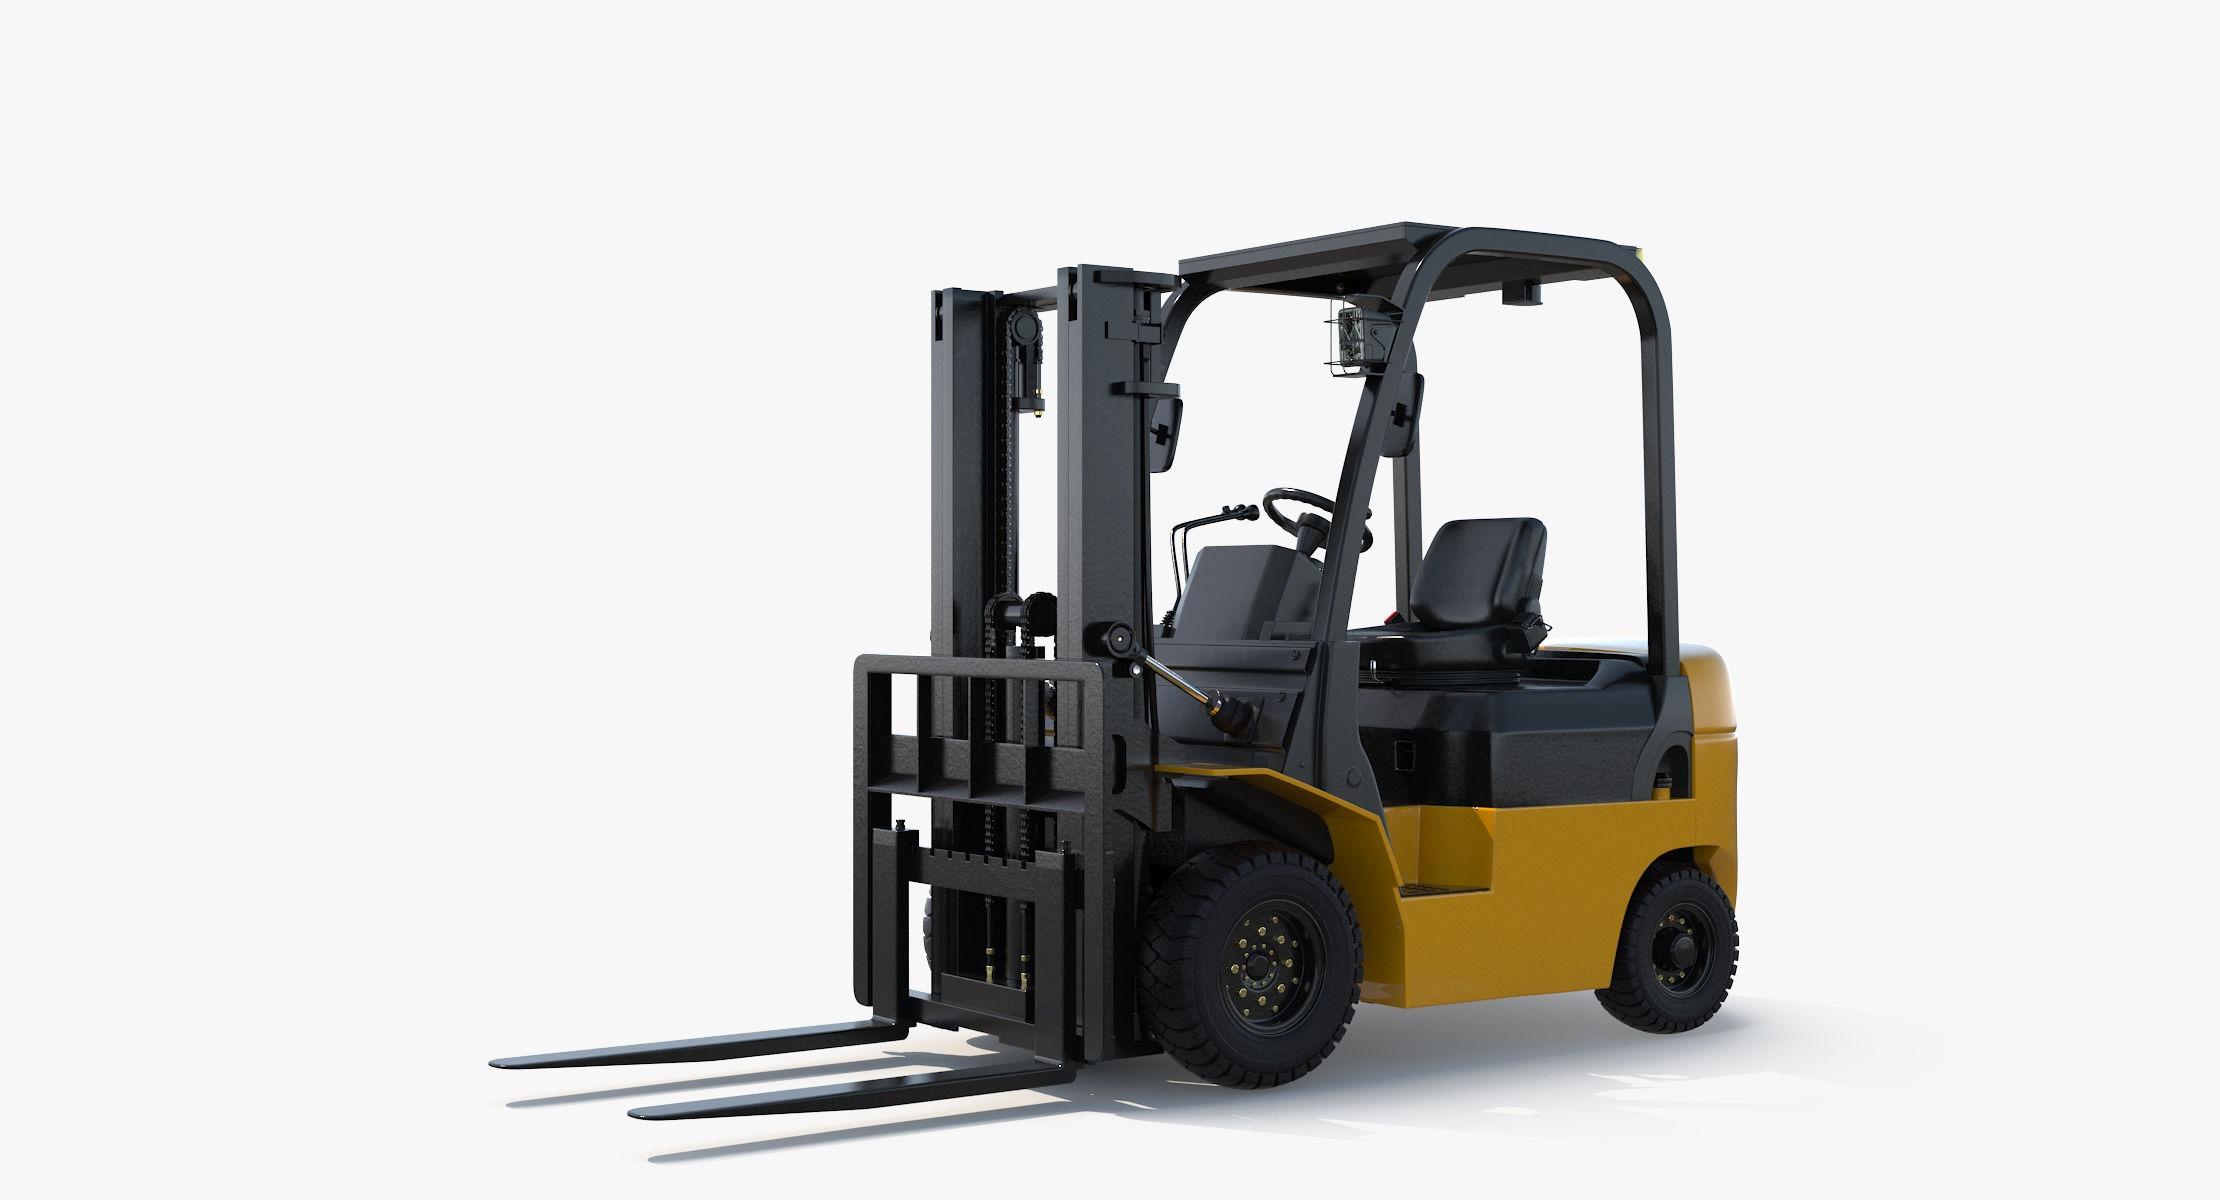 Forklift Rigged - reel 2